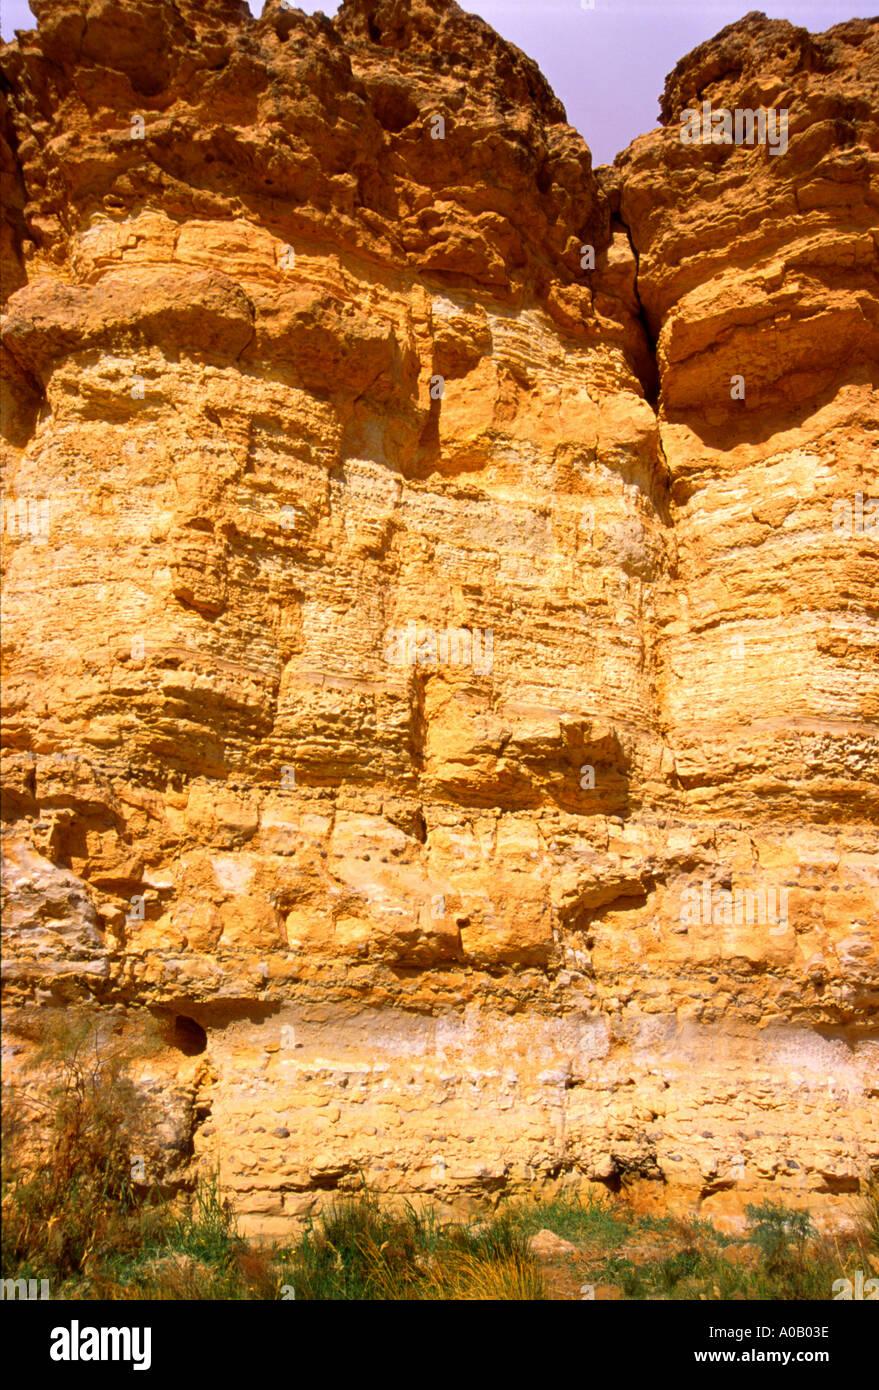 Les murs de canyon désert en Tunisie 966 Photo Stock